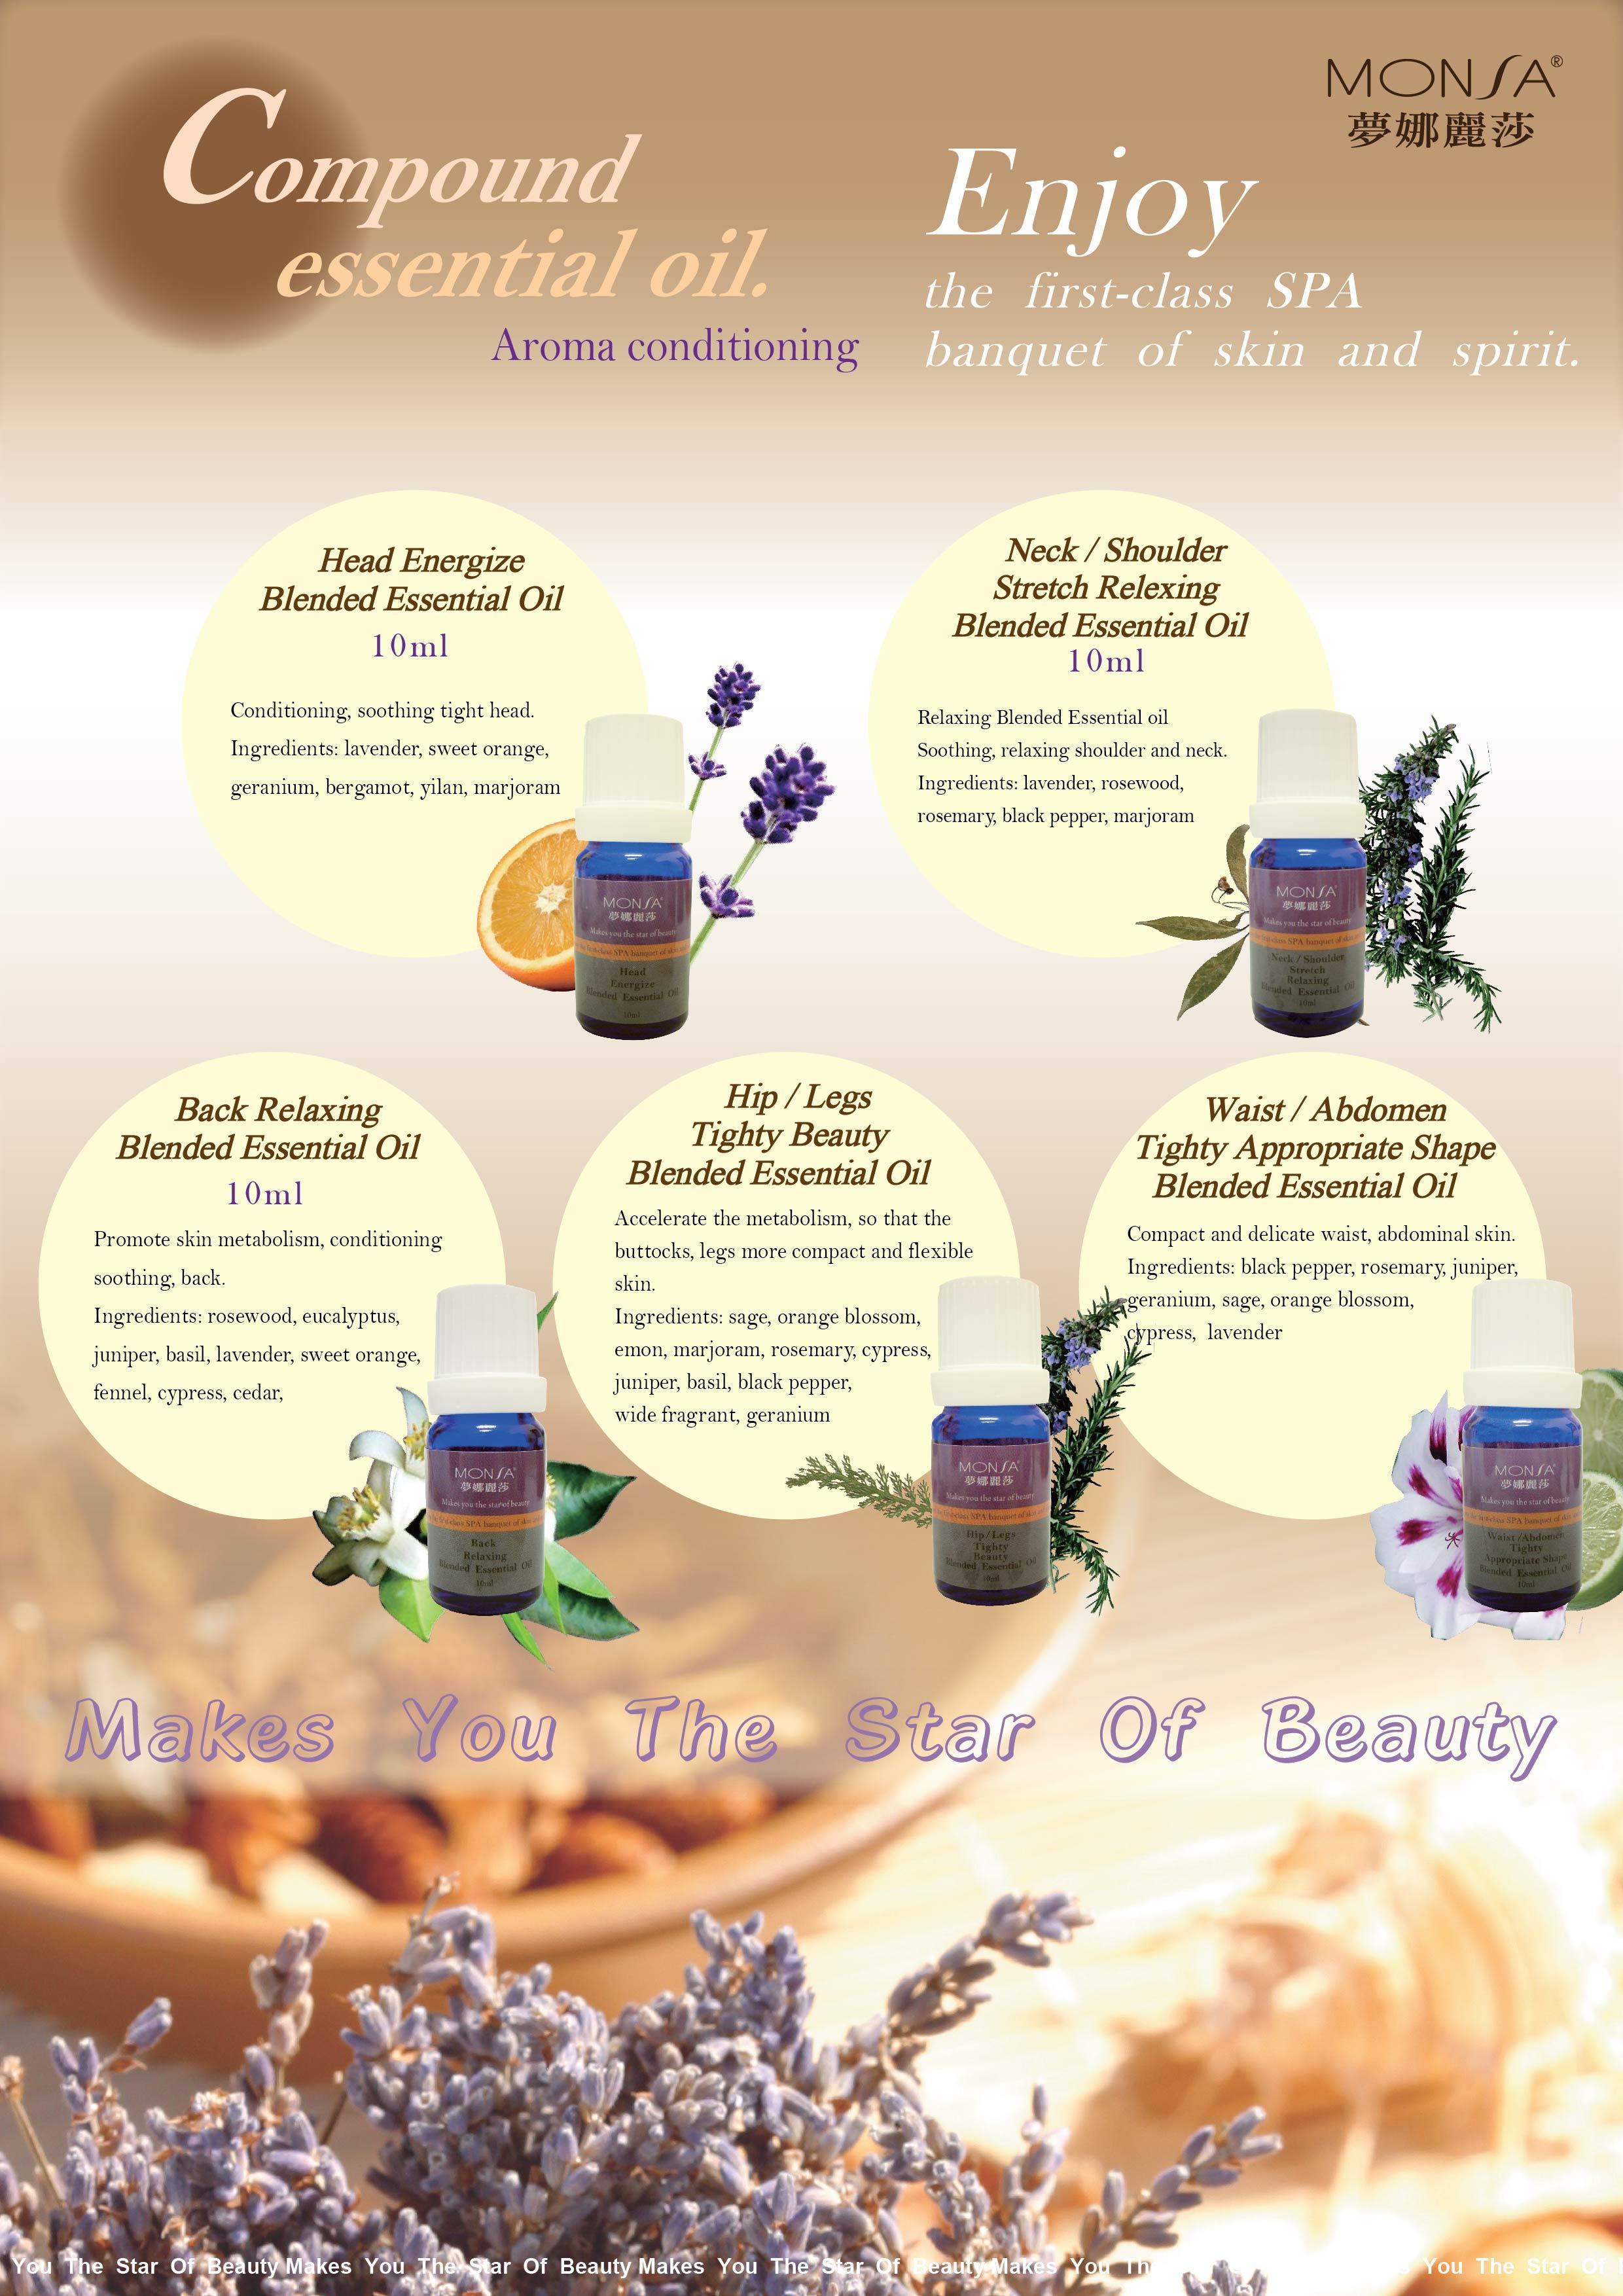 Thanh Phương Tinh Dầu Monsa Head Energize Blended Essential Oil 10ml 1